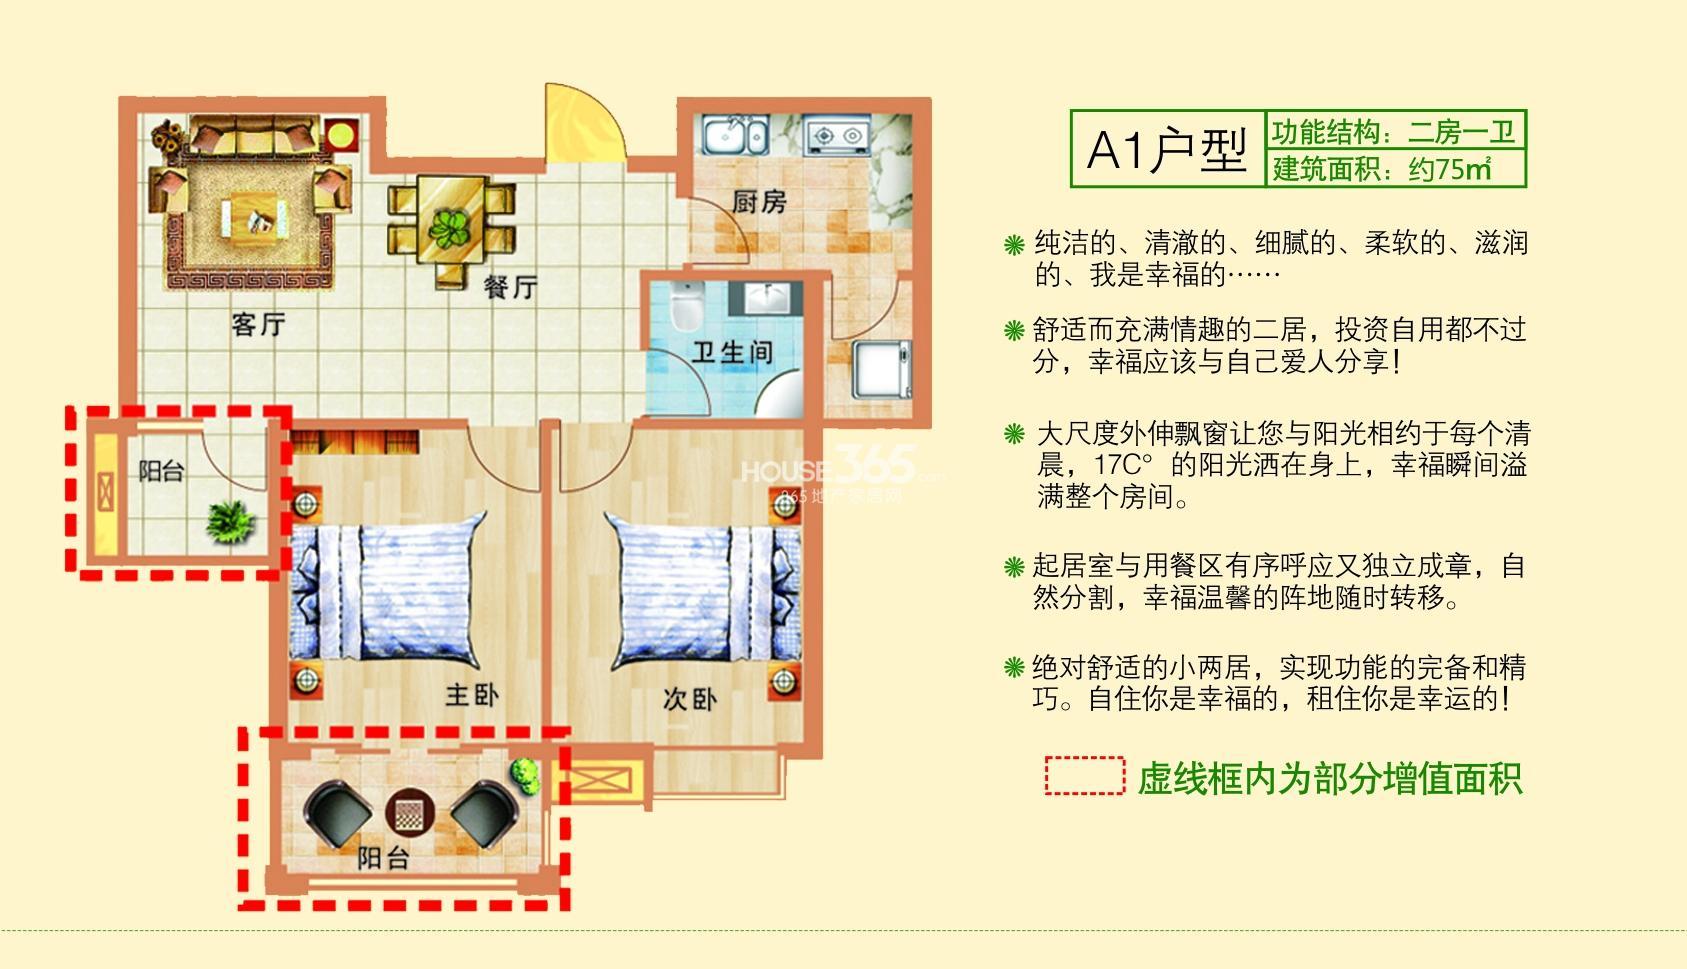 和顺新里程A1 二室一厅一卫75㎡